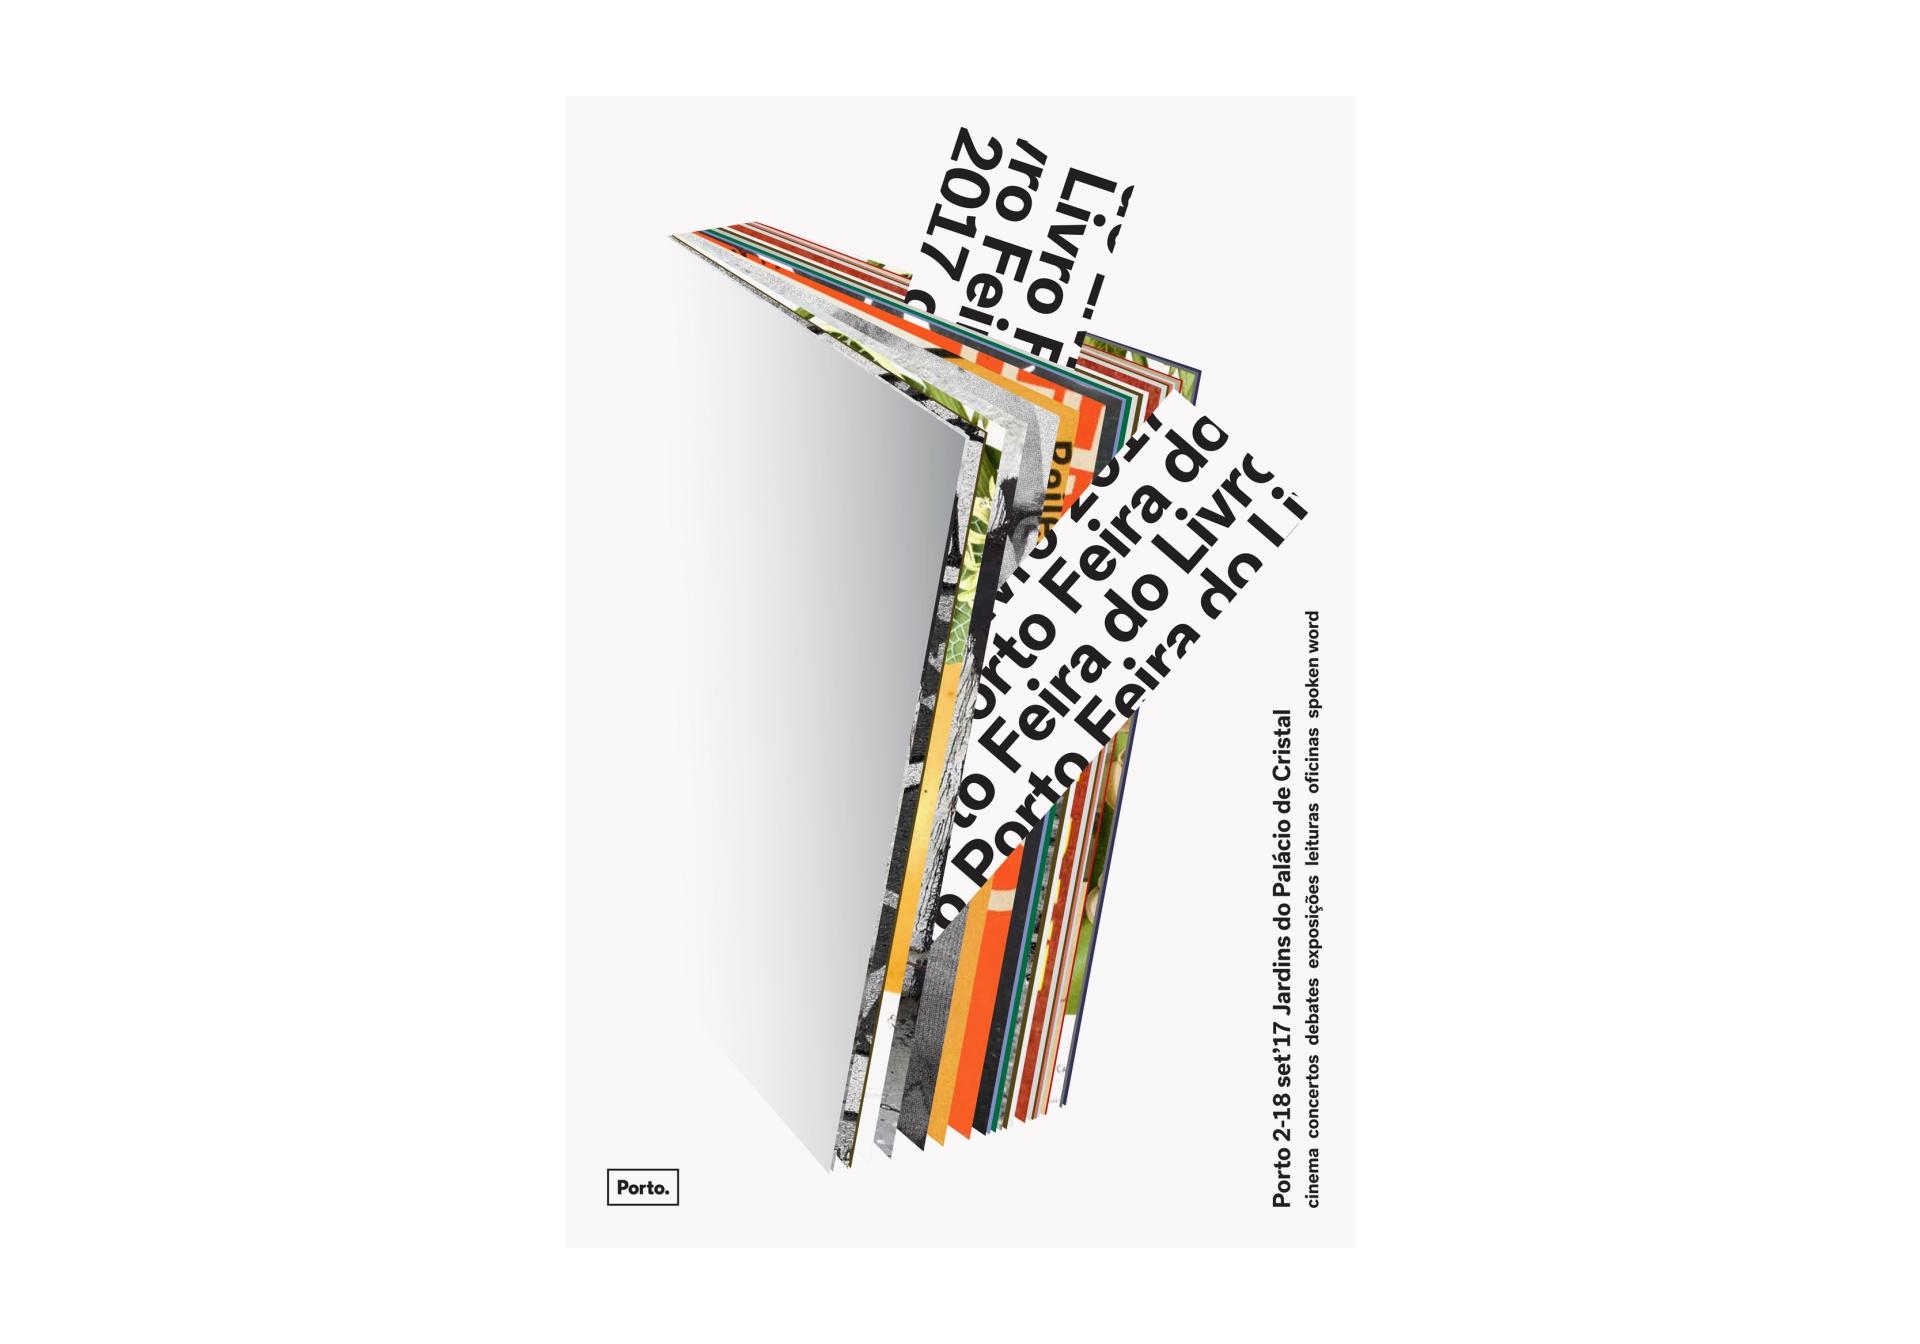 Feira do Livro Image:6 dobra-FdLivro17-05